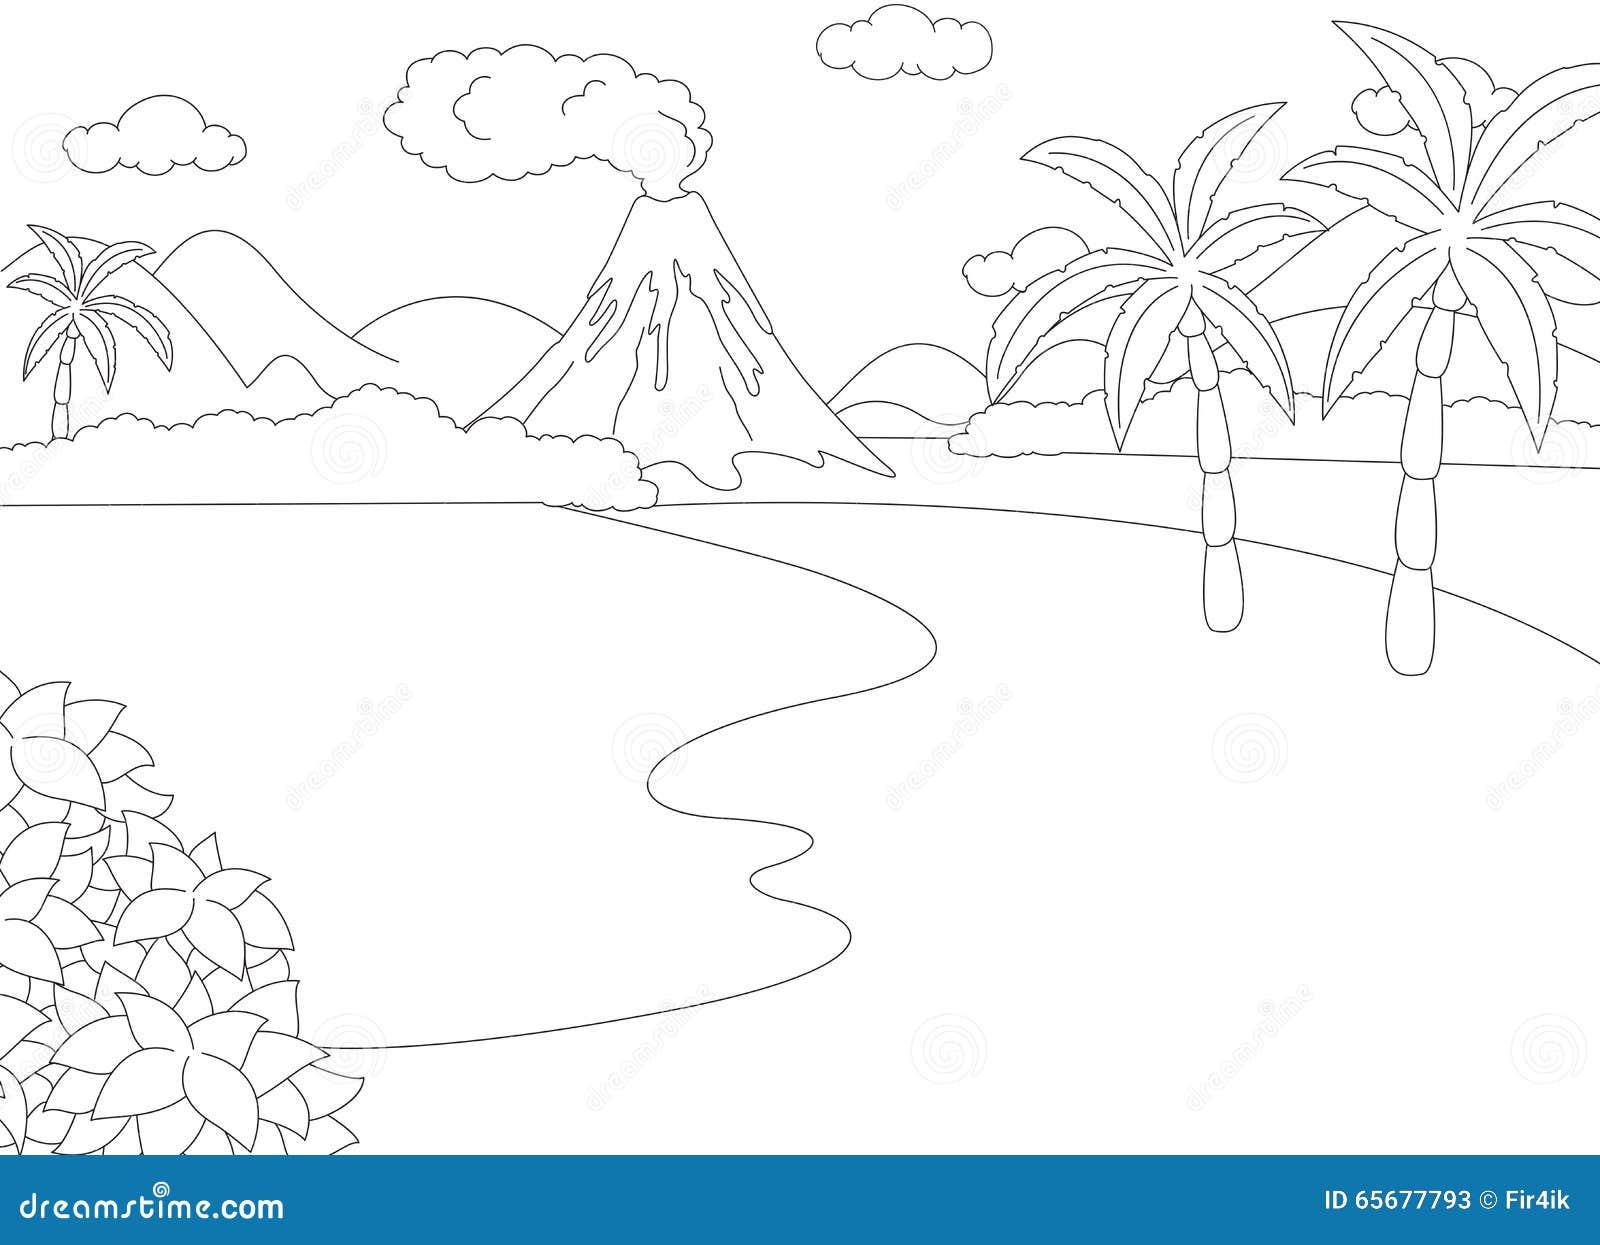 Erupción Volcánica Libro De Colorear Para Los Niños